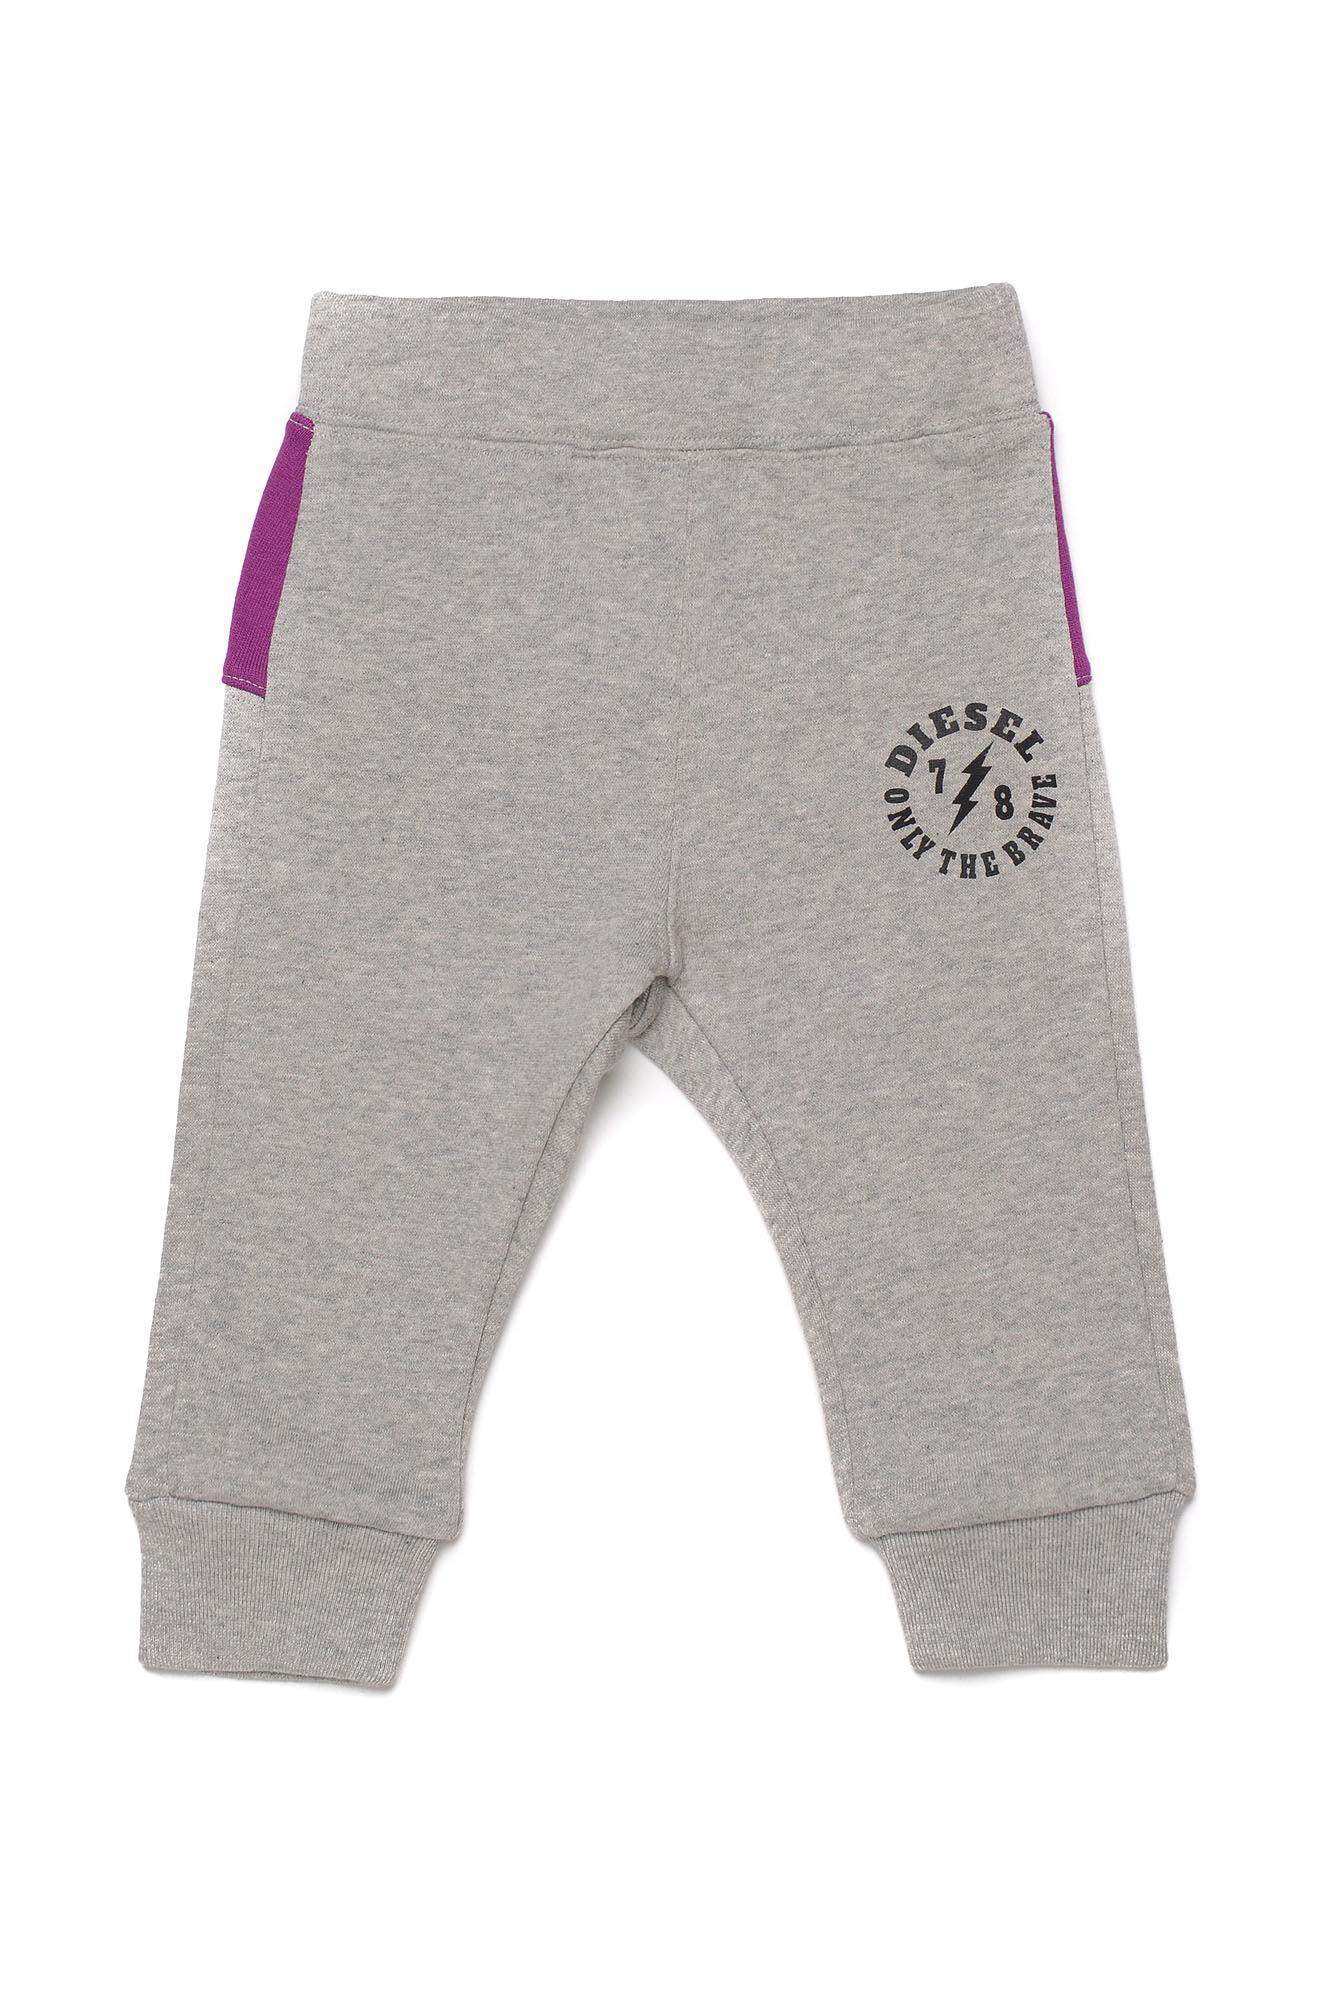 Podrickb Pants - Diesel Kid